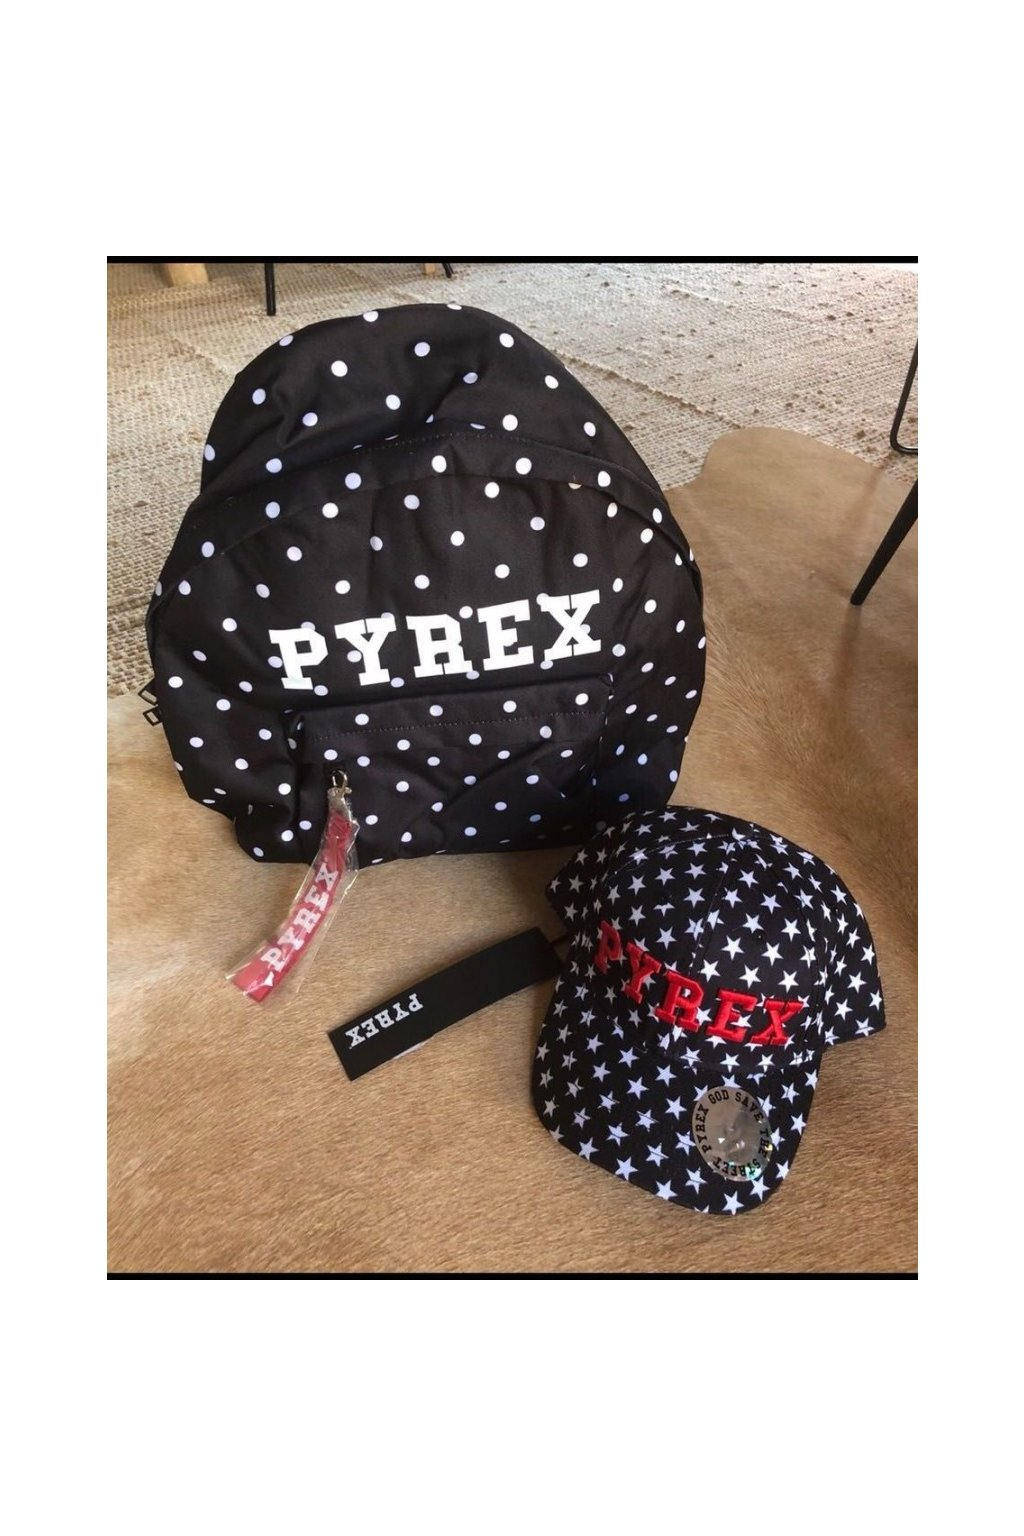 Kšiltovka s hvězdičkami Pyrex - černá (Velikost Velikost UNI)